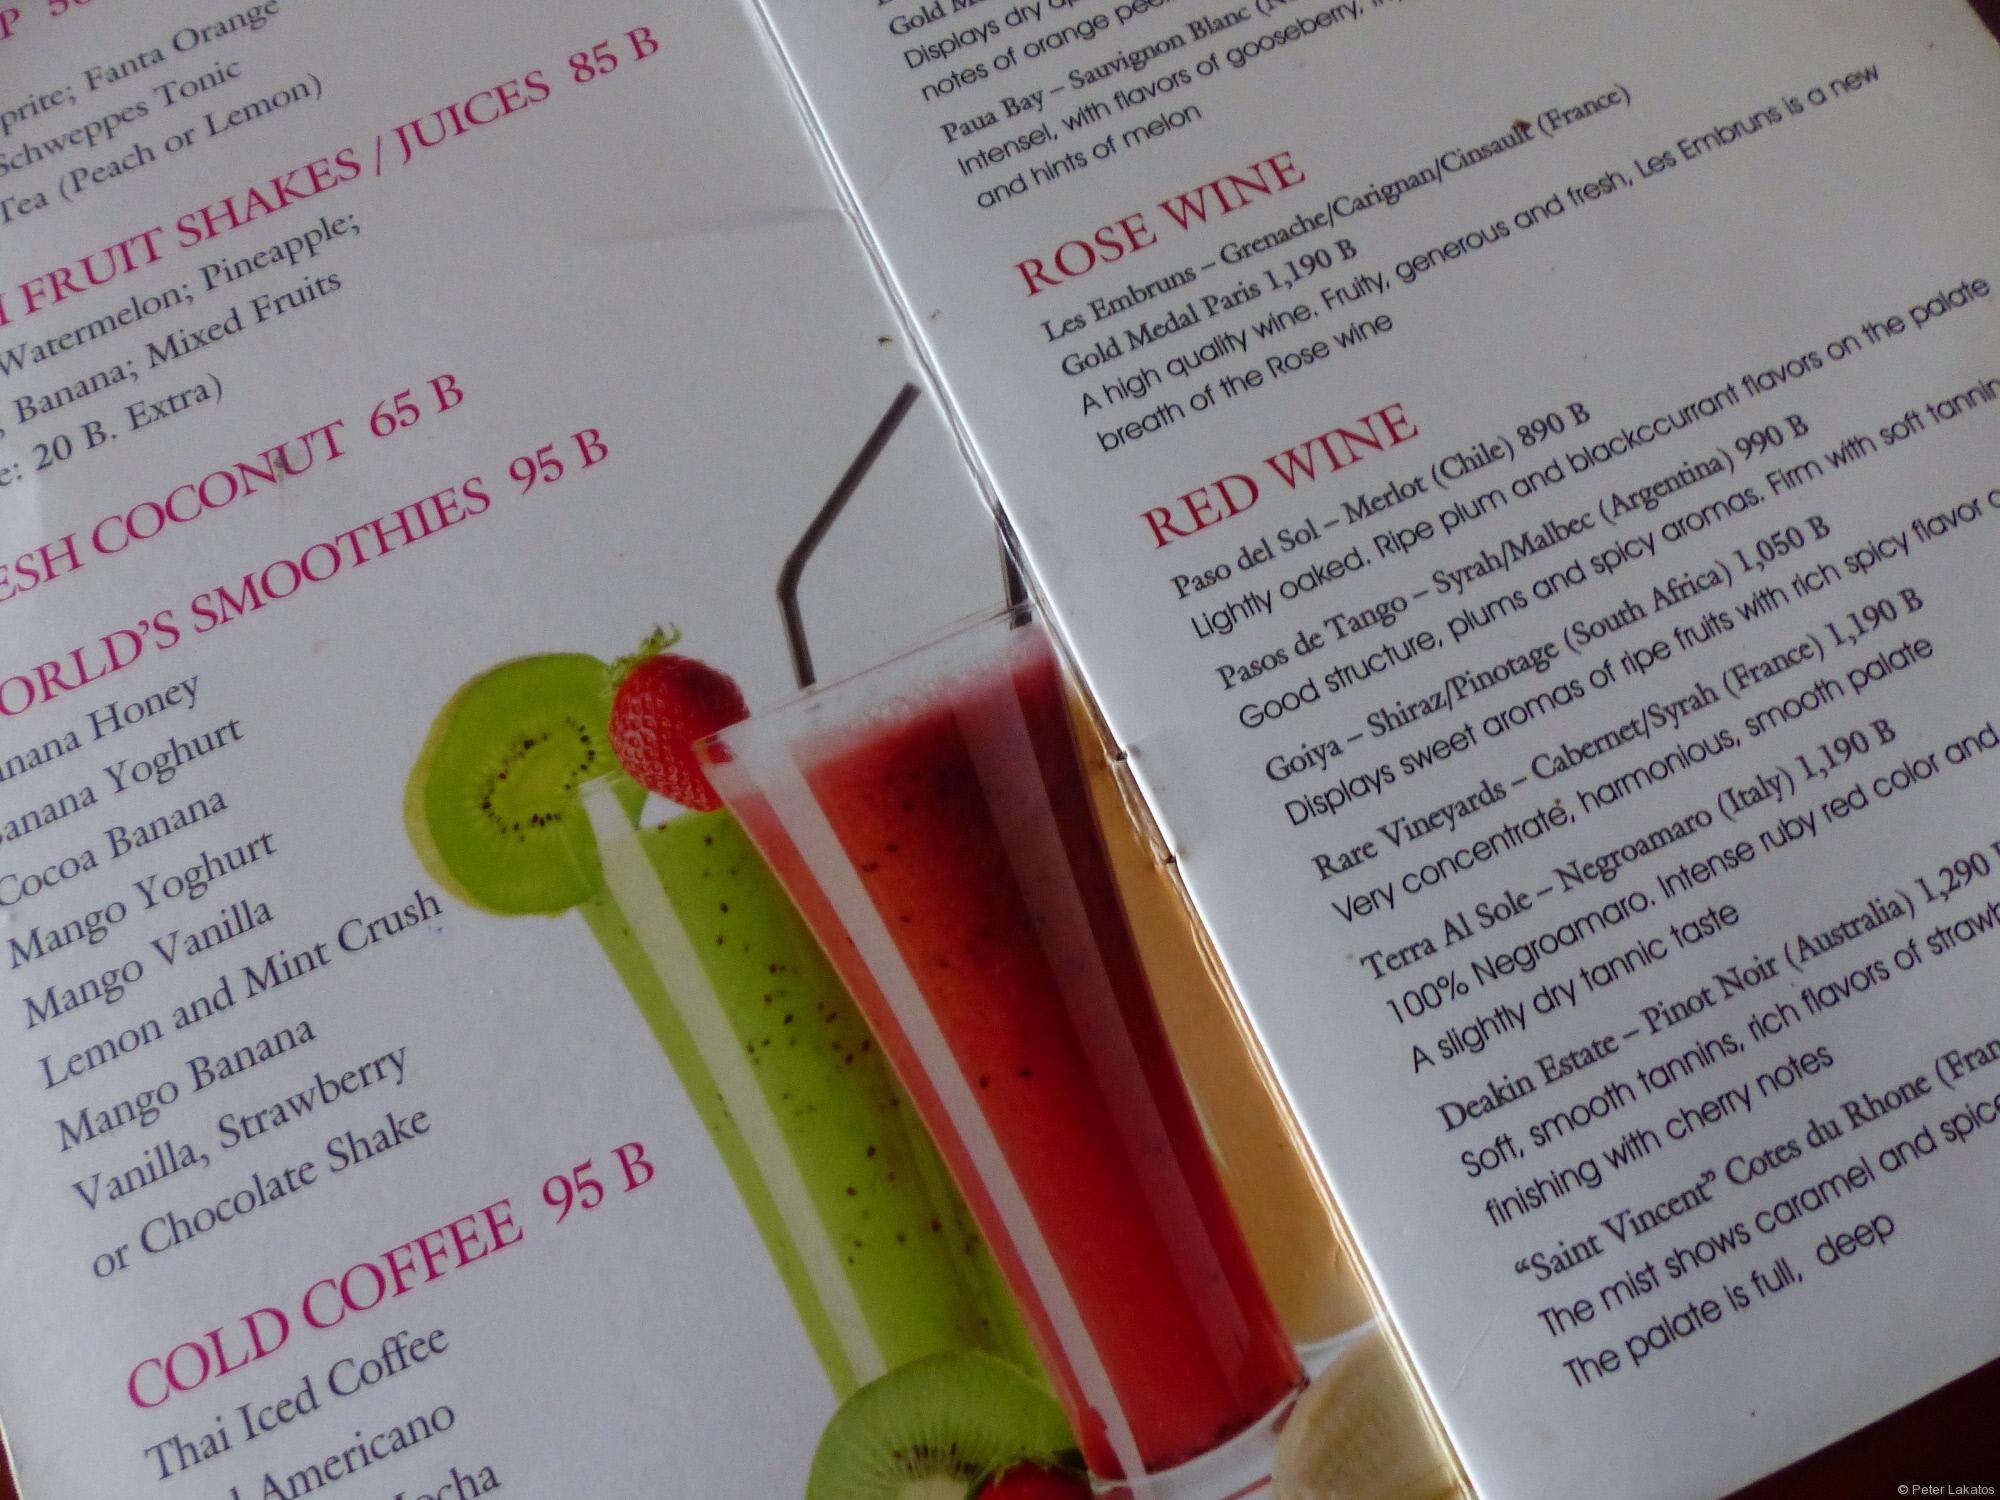 Preise für Cocktails auf Koh Samui